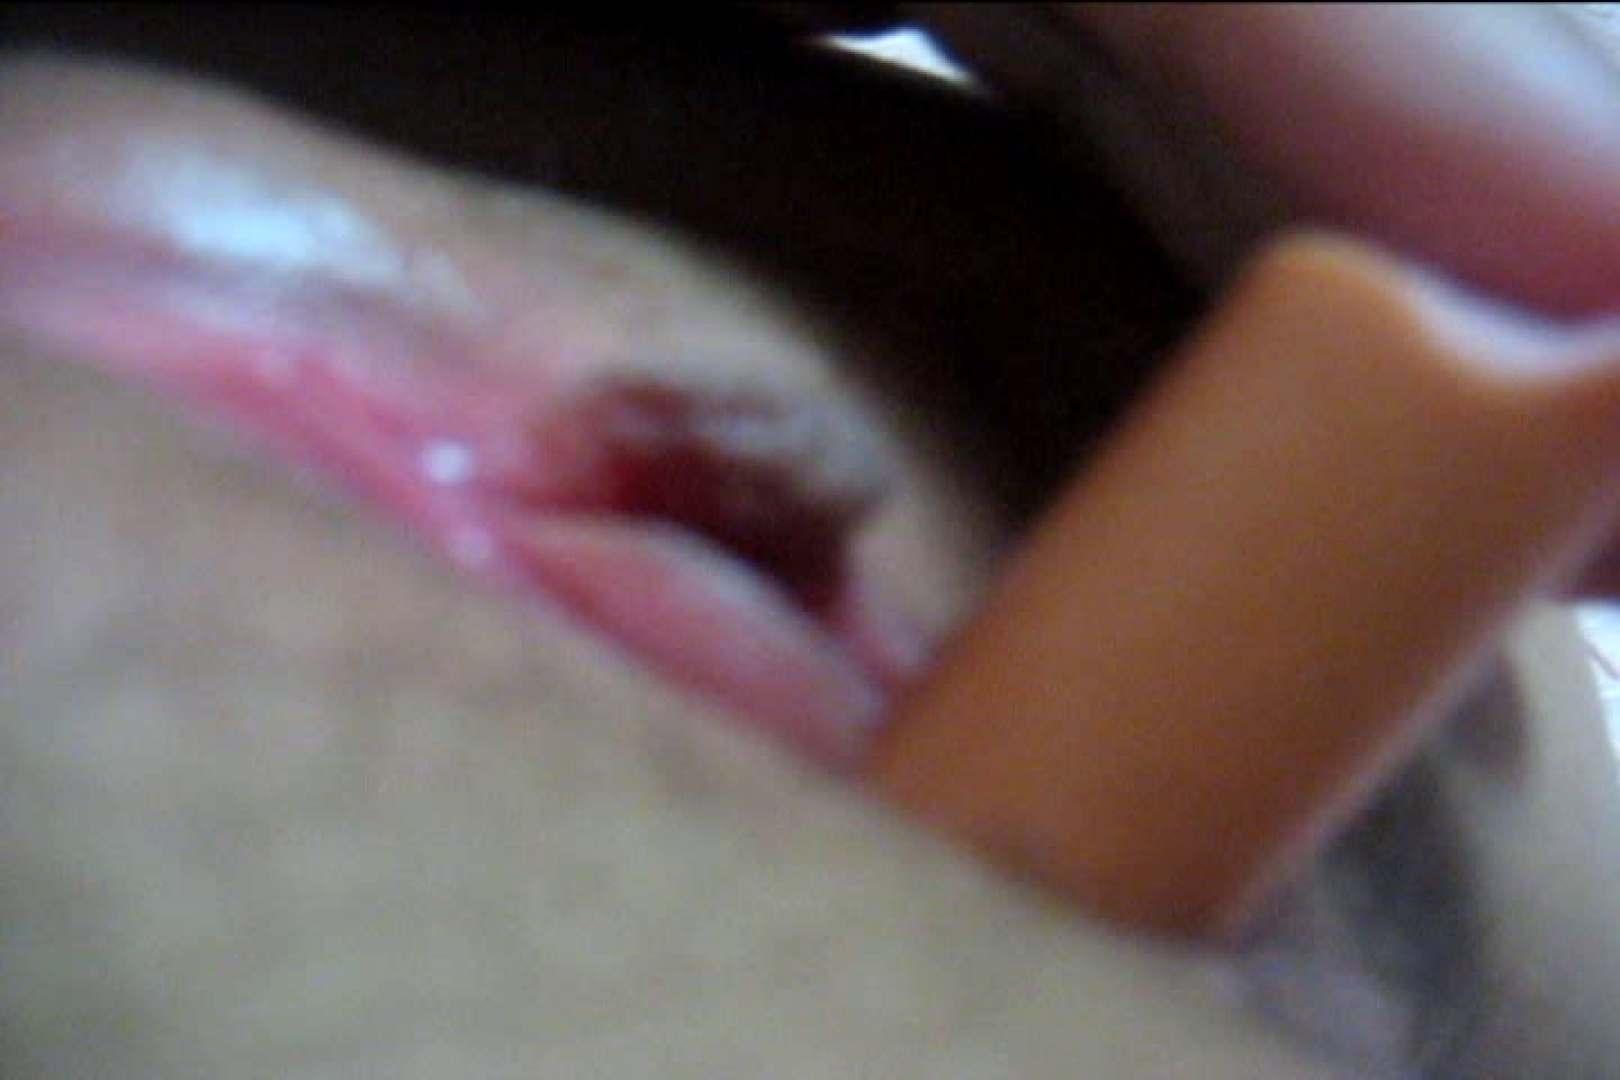 コリアン素人流出シリーズ 変態美少女の自我撮りマン弄り オマンコ 盗み撮り動画 92pic 69